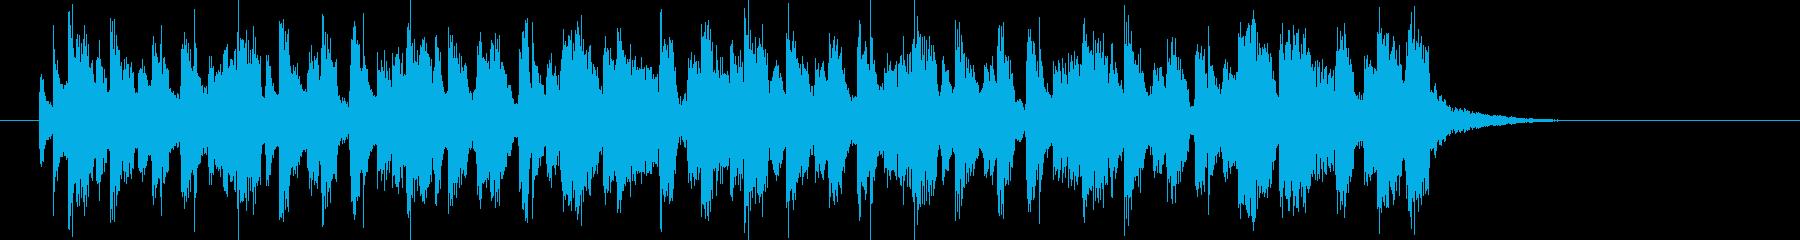 元気で躍動感あるシンセポップジングルの再生済みの波形